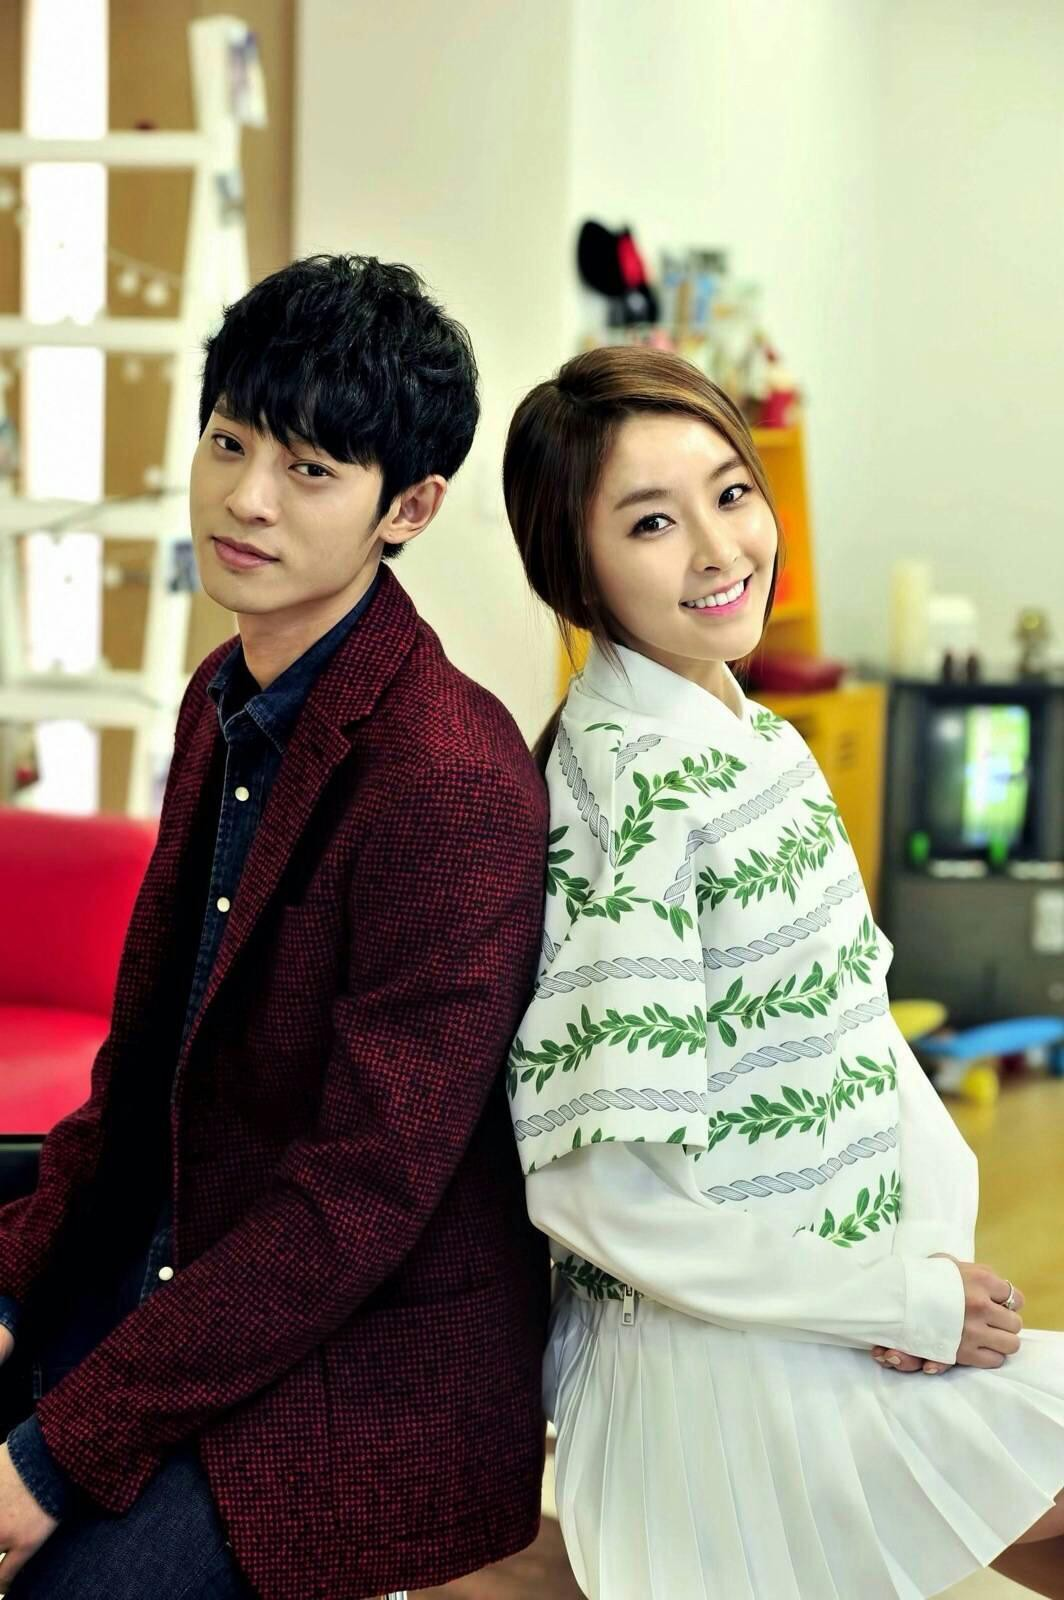 Hội bạn gái tin đồn đẹp như tiên làm gì, phản ứng ra sao giữa tâm bão bê bối chấn động của Seungri, Jung Joon Young? - Ảnh 3.